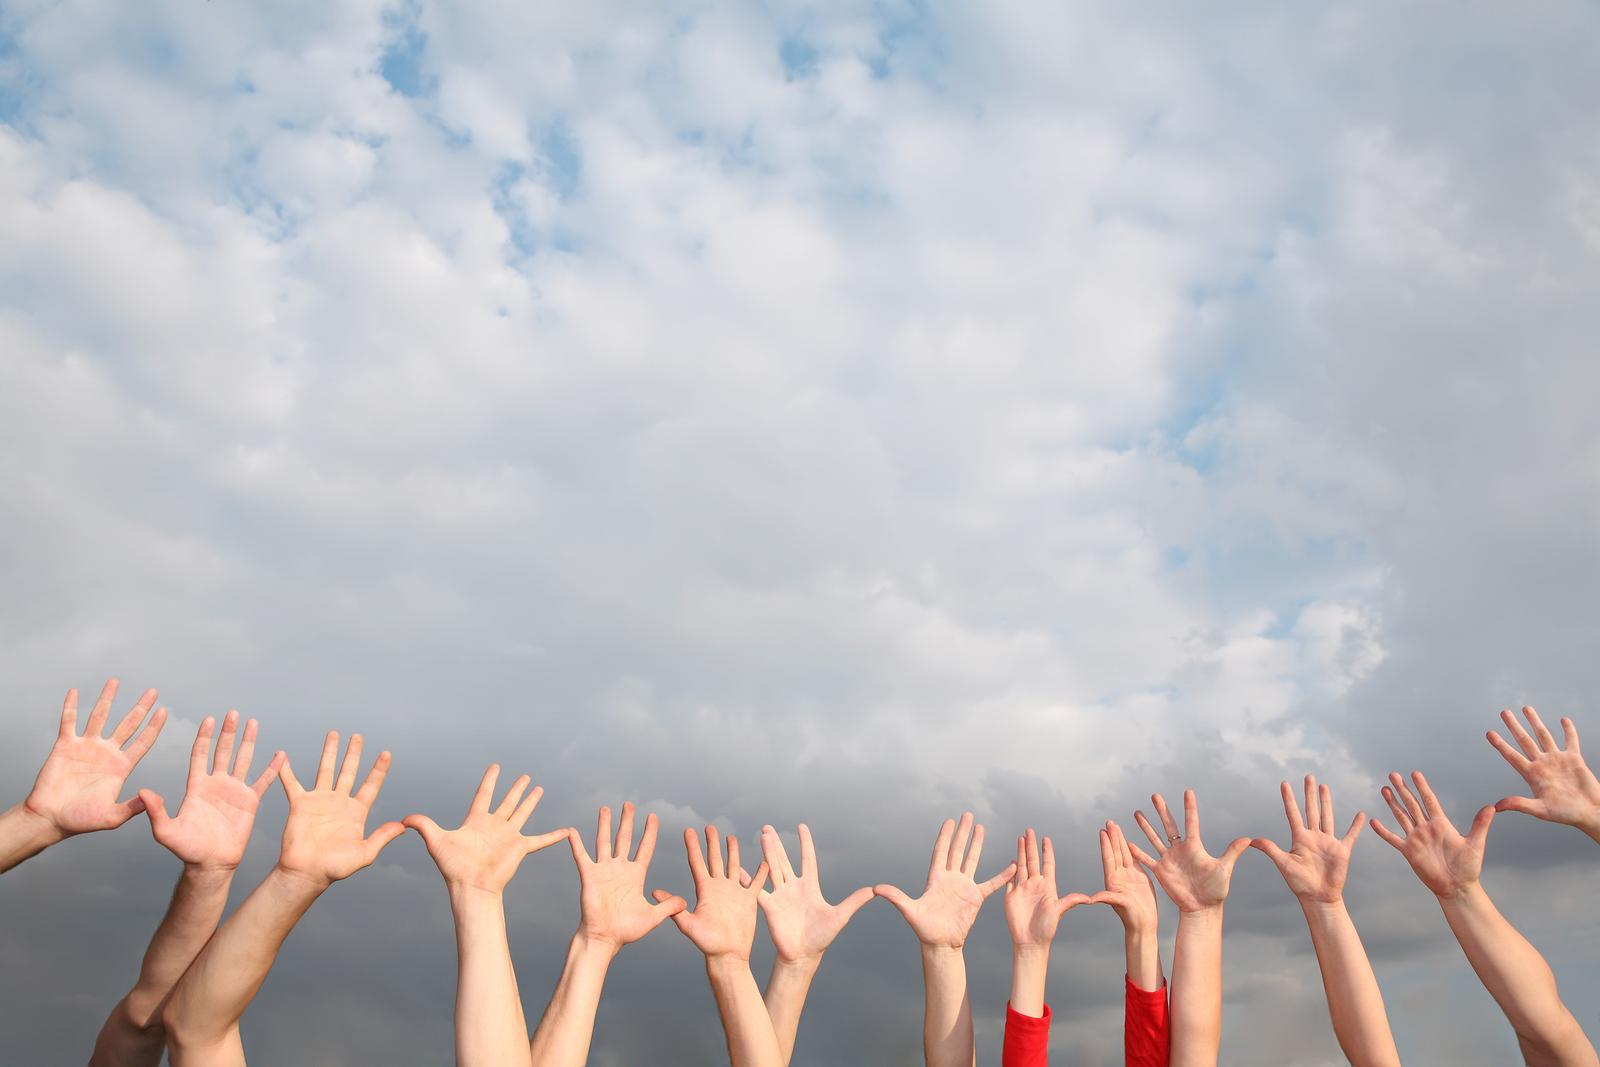 Balsuojančios rankos dangų pasiekia! Paveiksliukas iš recesslv.com